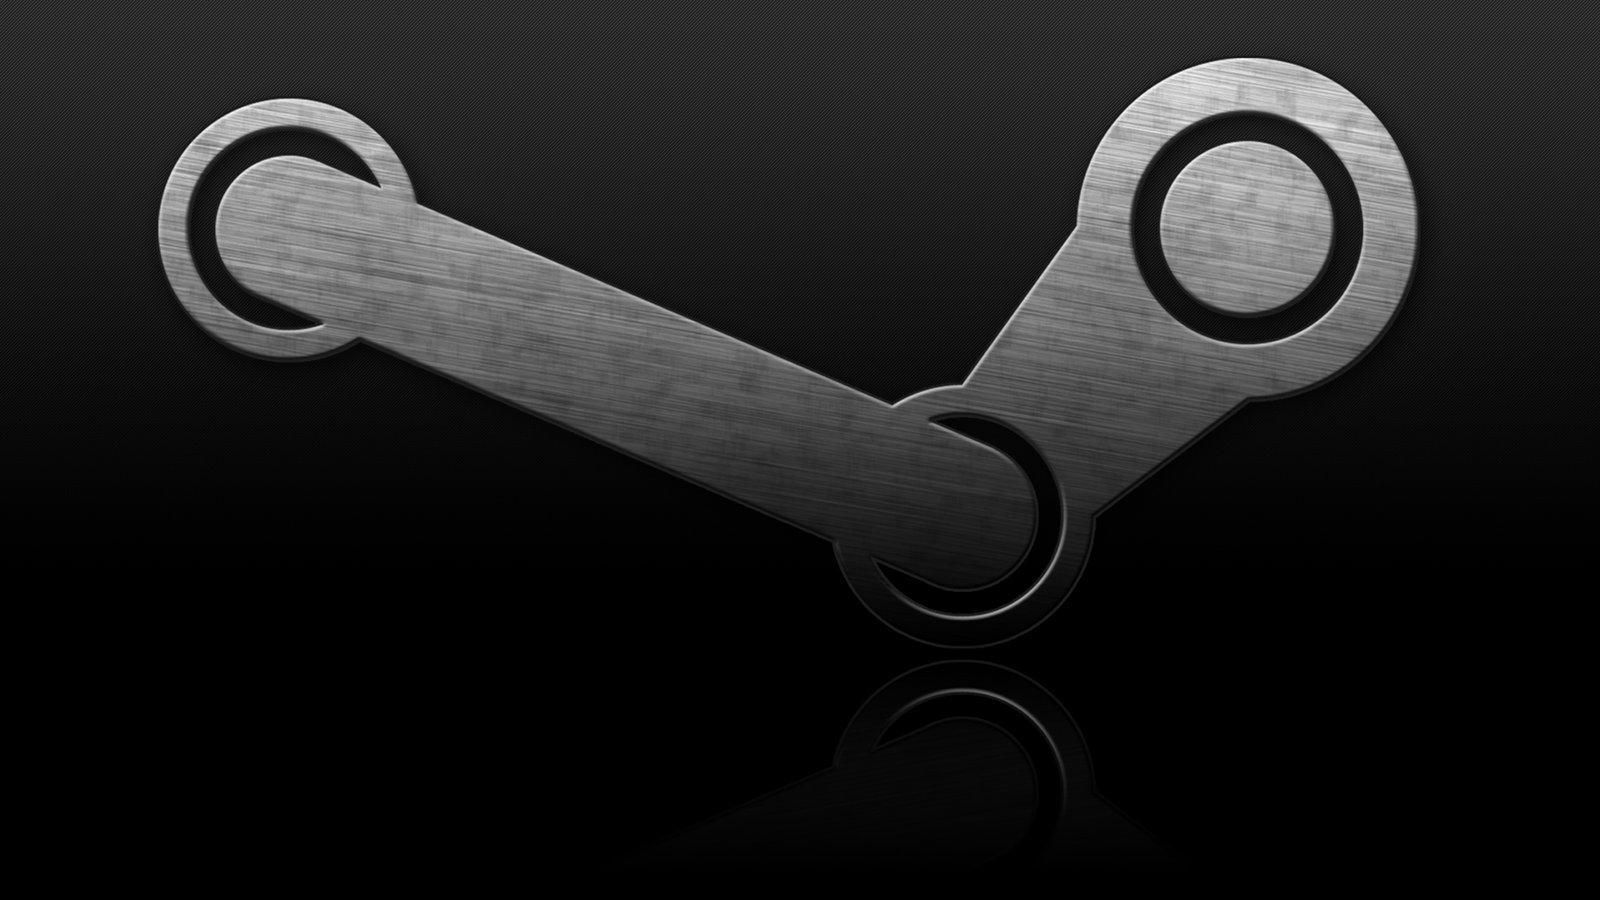 Пользователь that_earlyguy остался недоволен поведением техподдержки Steam. - Изображение 1